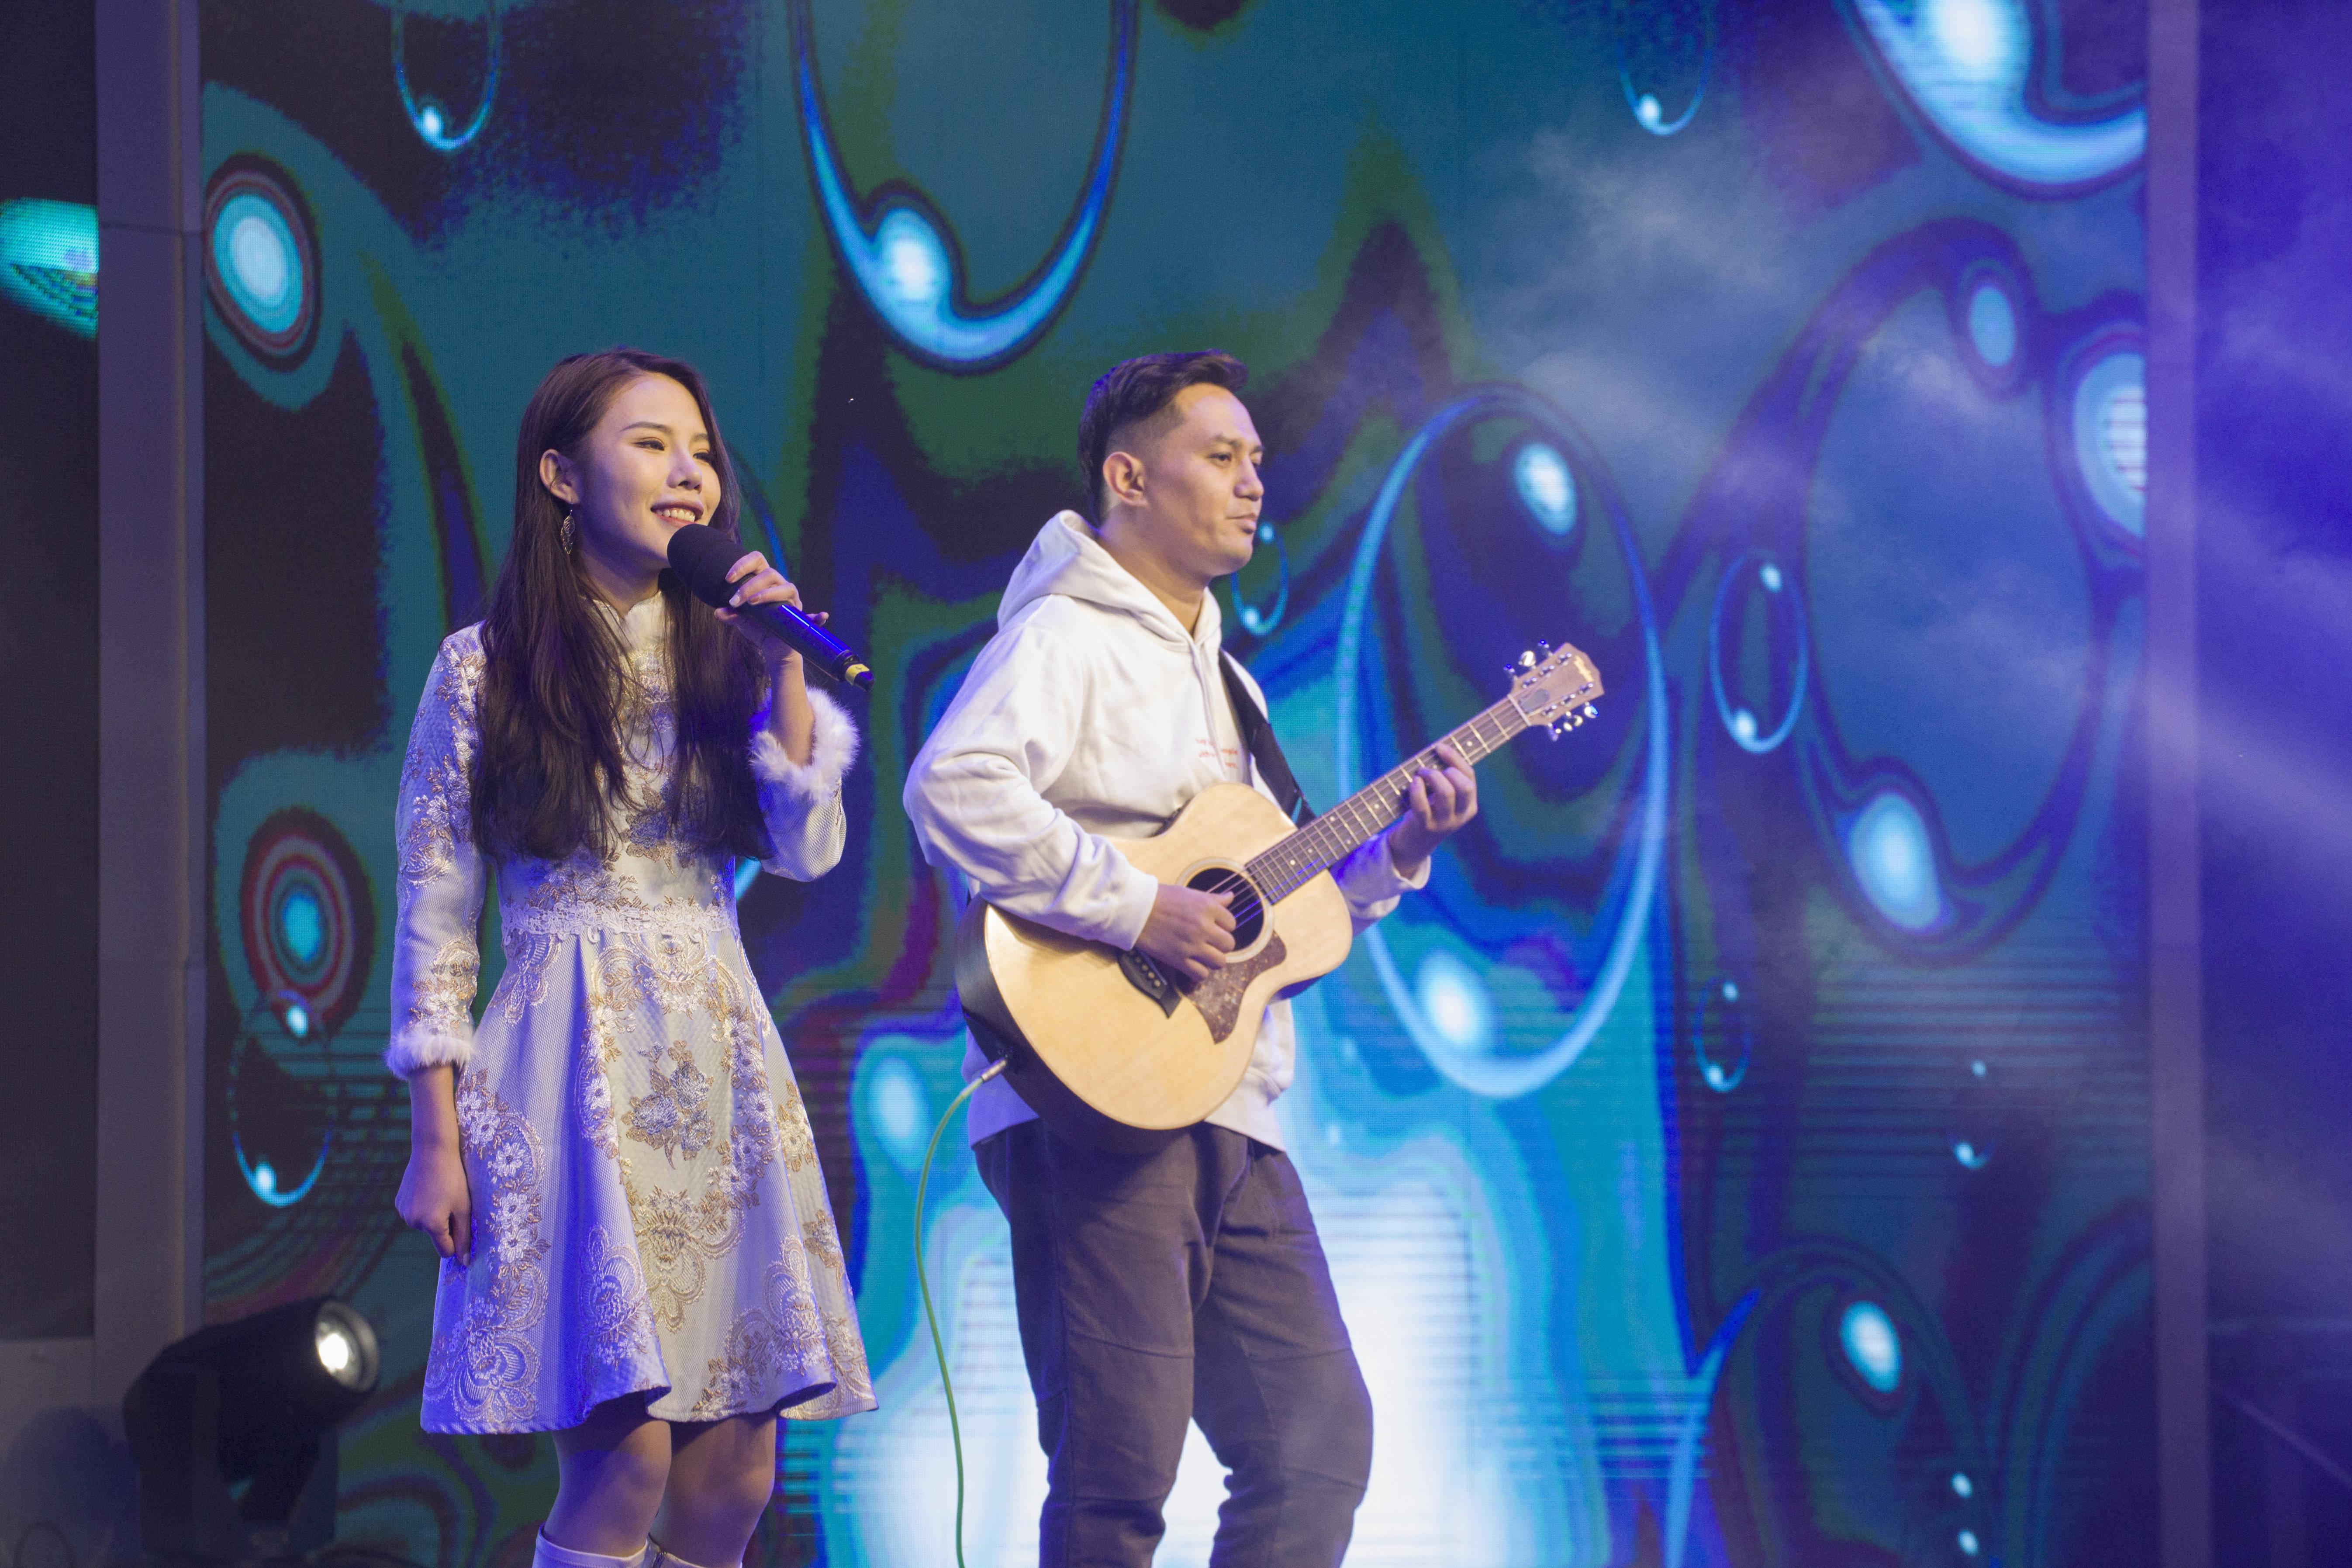 产业 | 培育文化消费新业态,山东济南街头艺人奉献专场音乐会